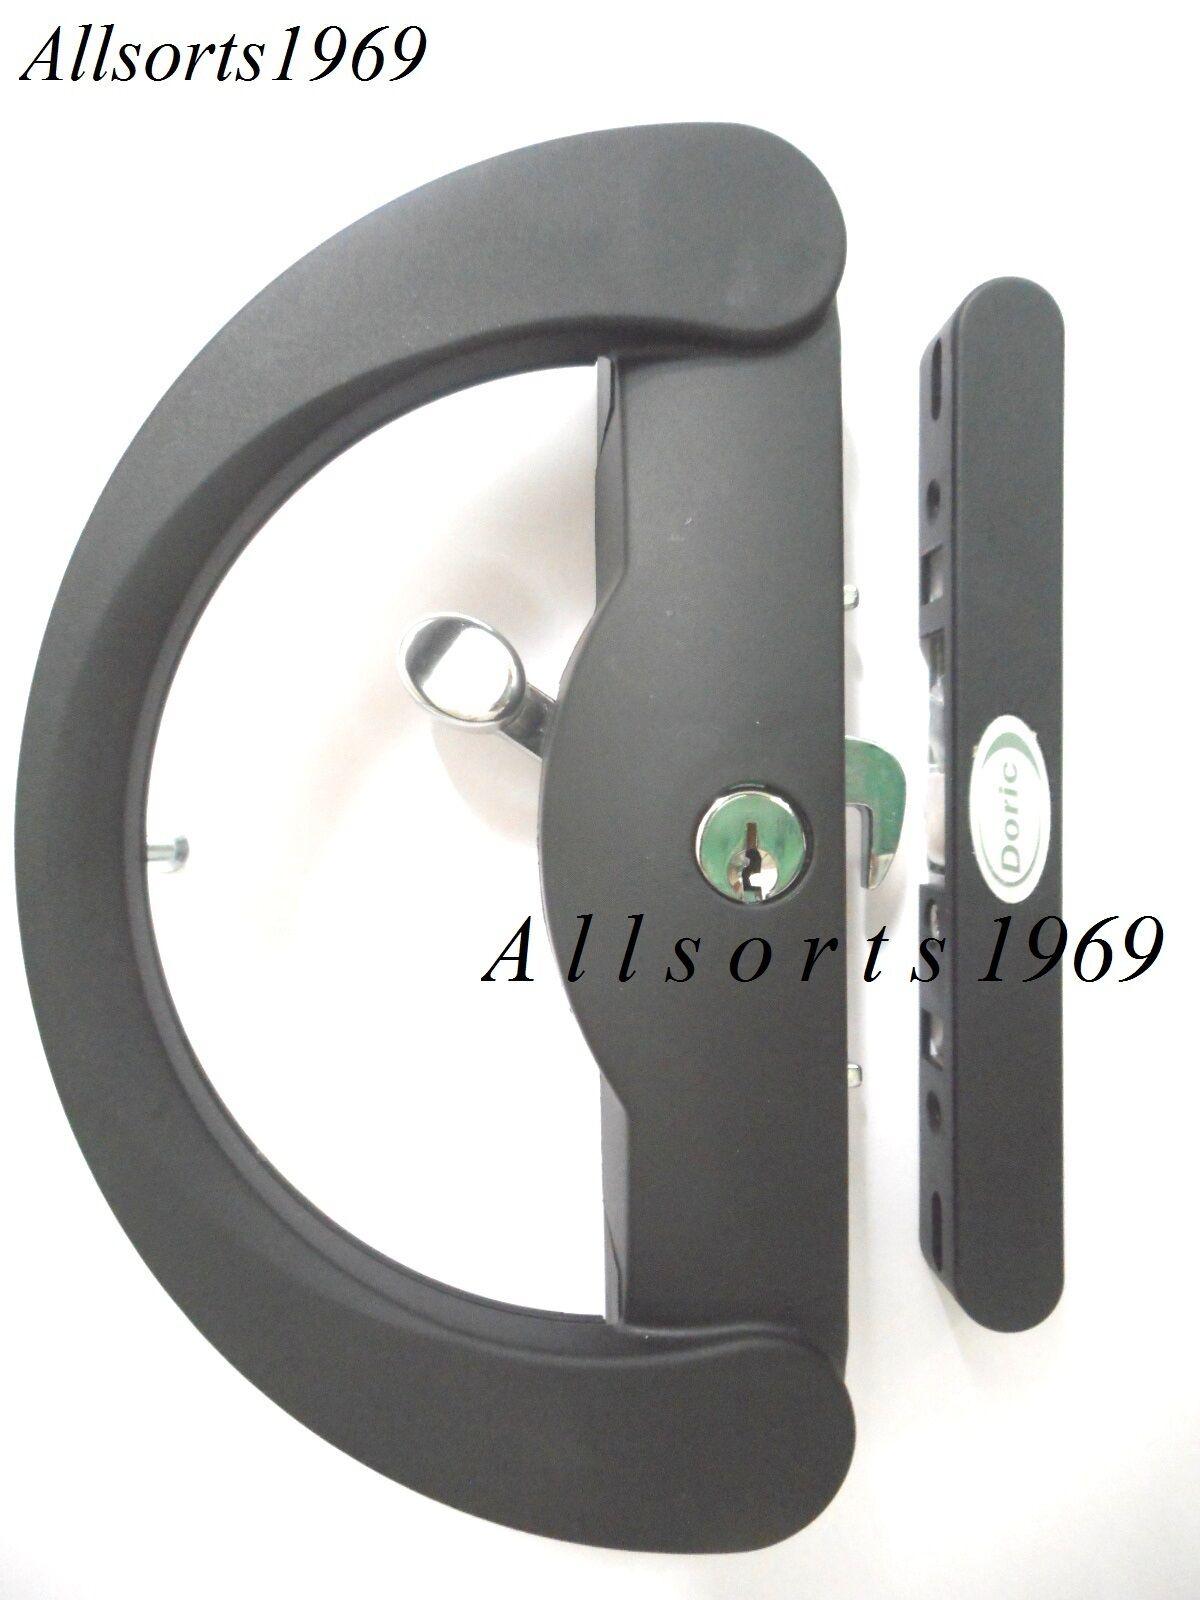 Doric Ds925 Sliding Glass Door Lock Handle With Internal Deadlock